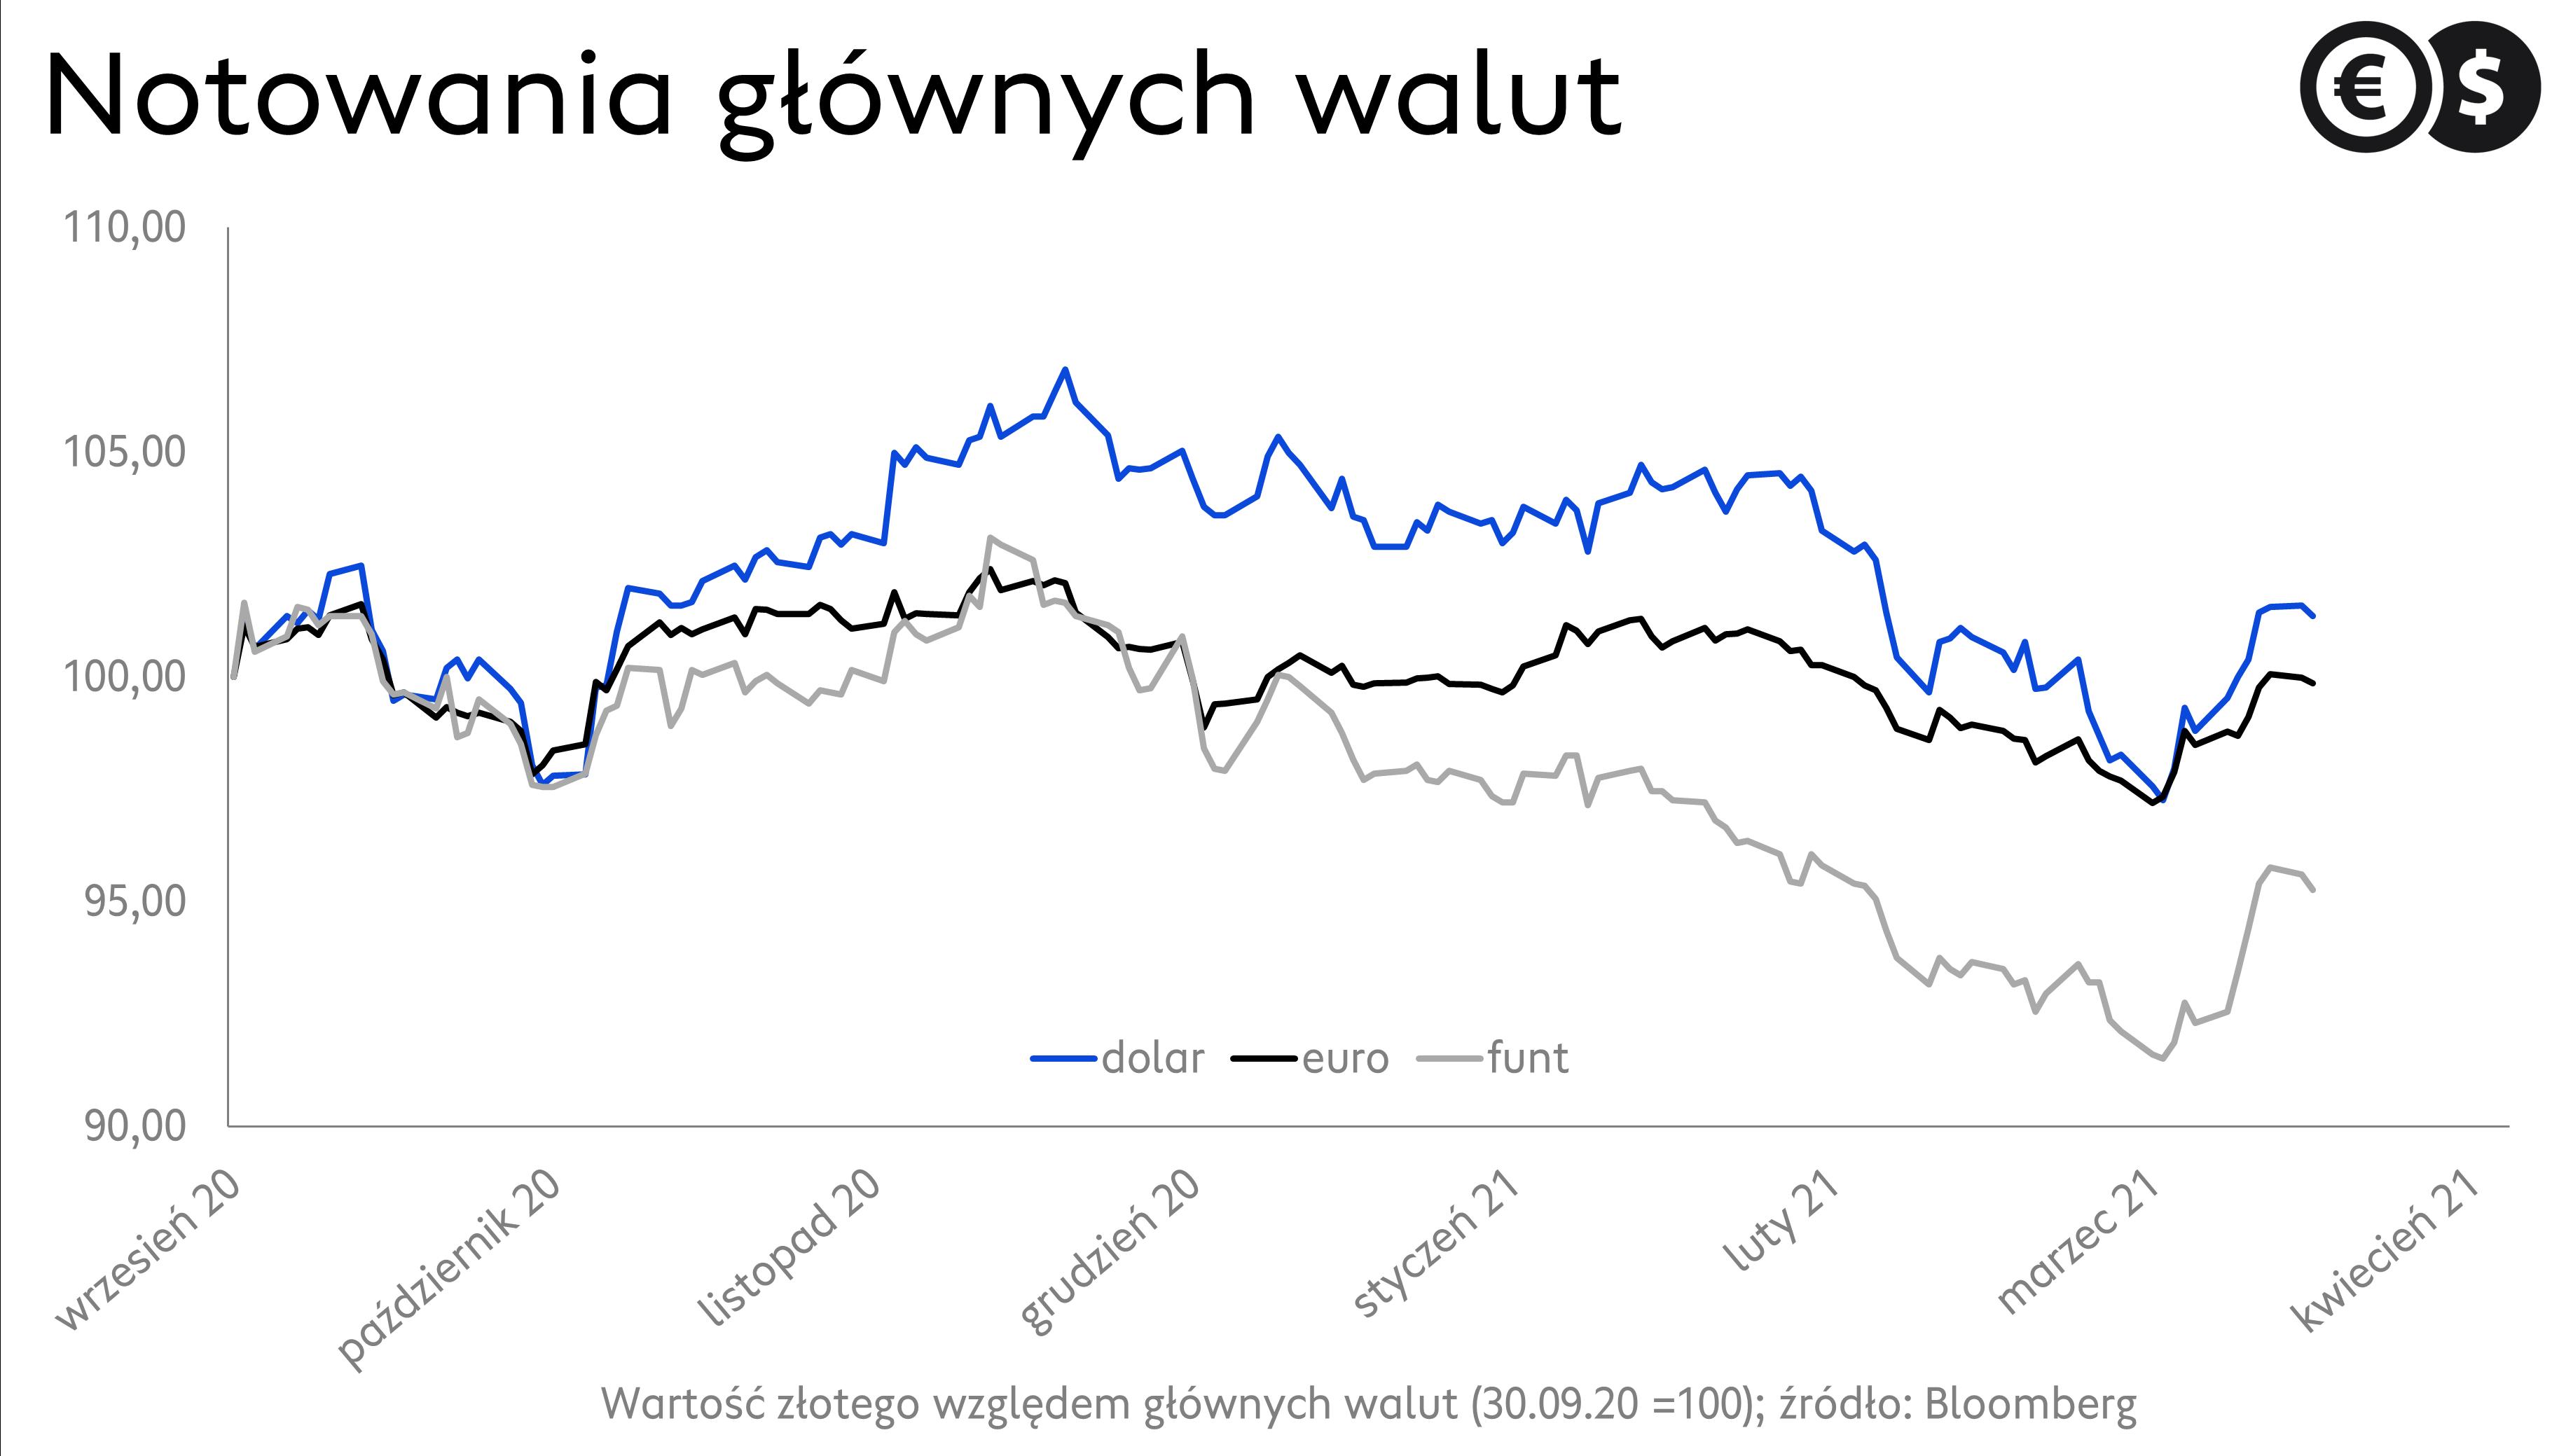 Notowania złotego, kurs EUR/PLN, USD/PLN i GBP/PLN